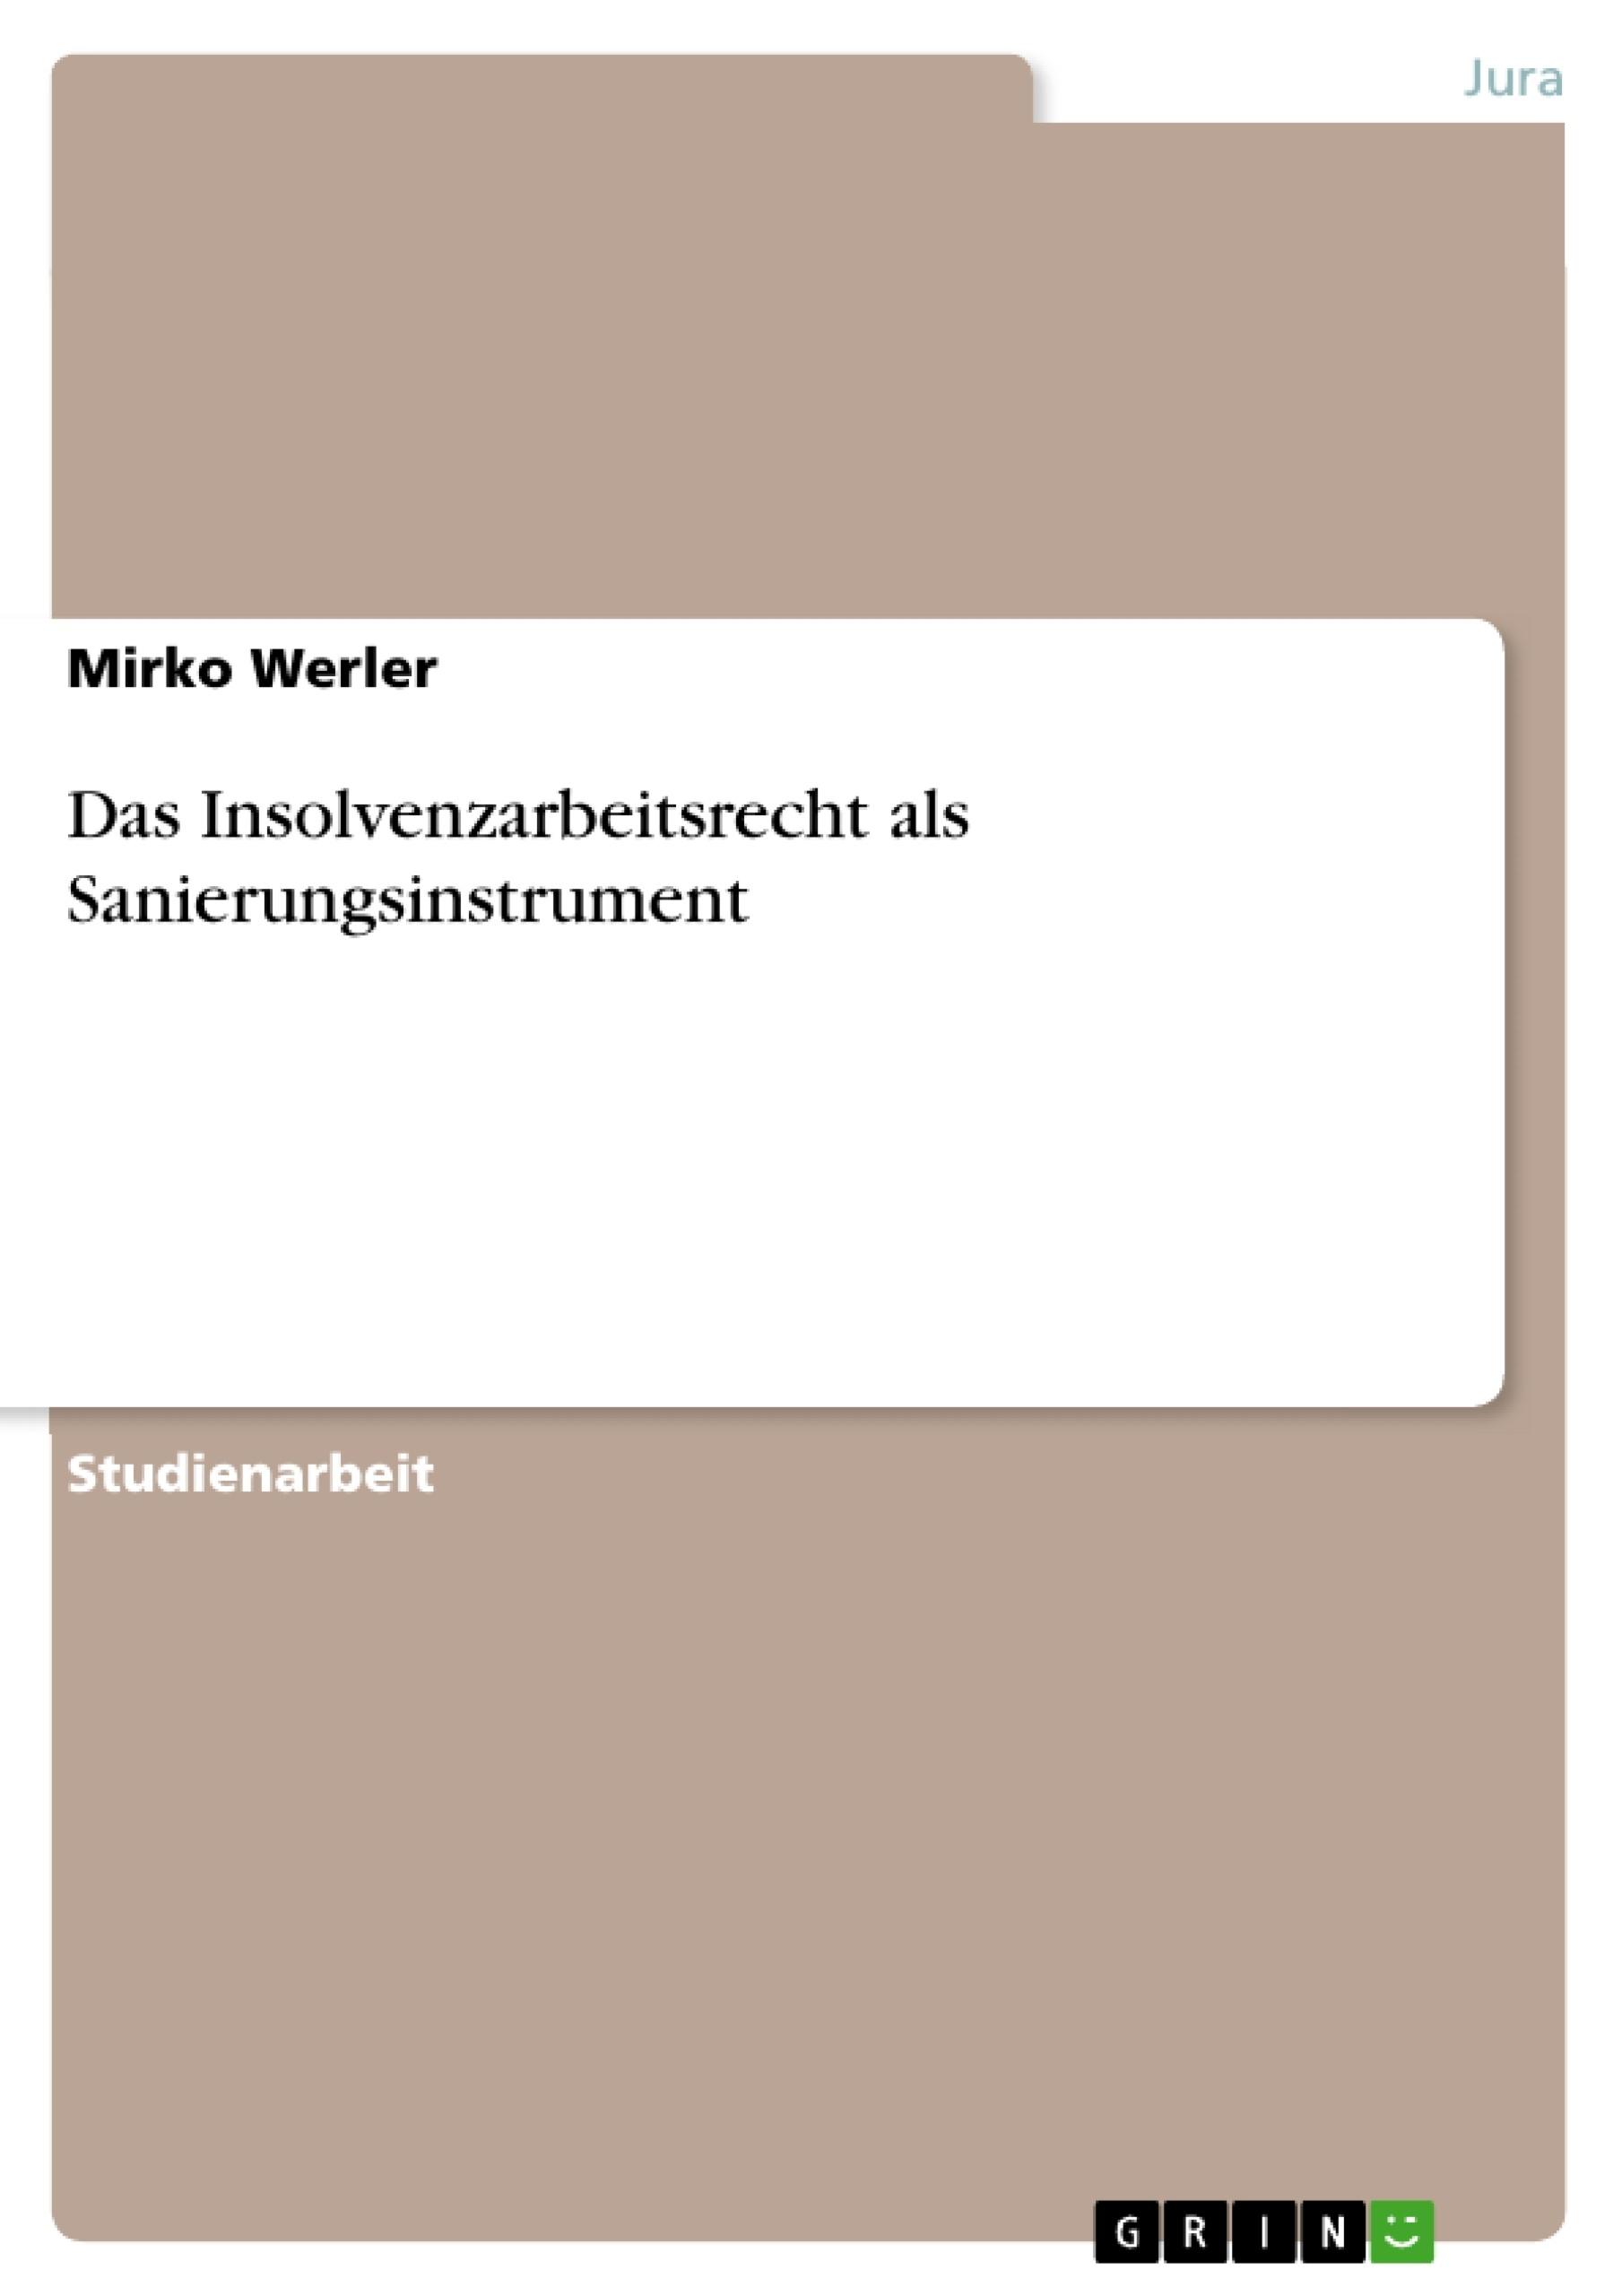 Titel: Das Insolvenzarbeitsrecht als Sanierungsinstrument